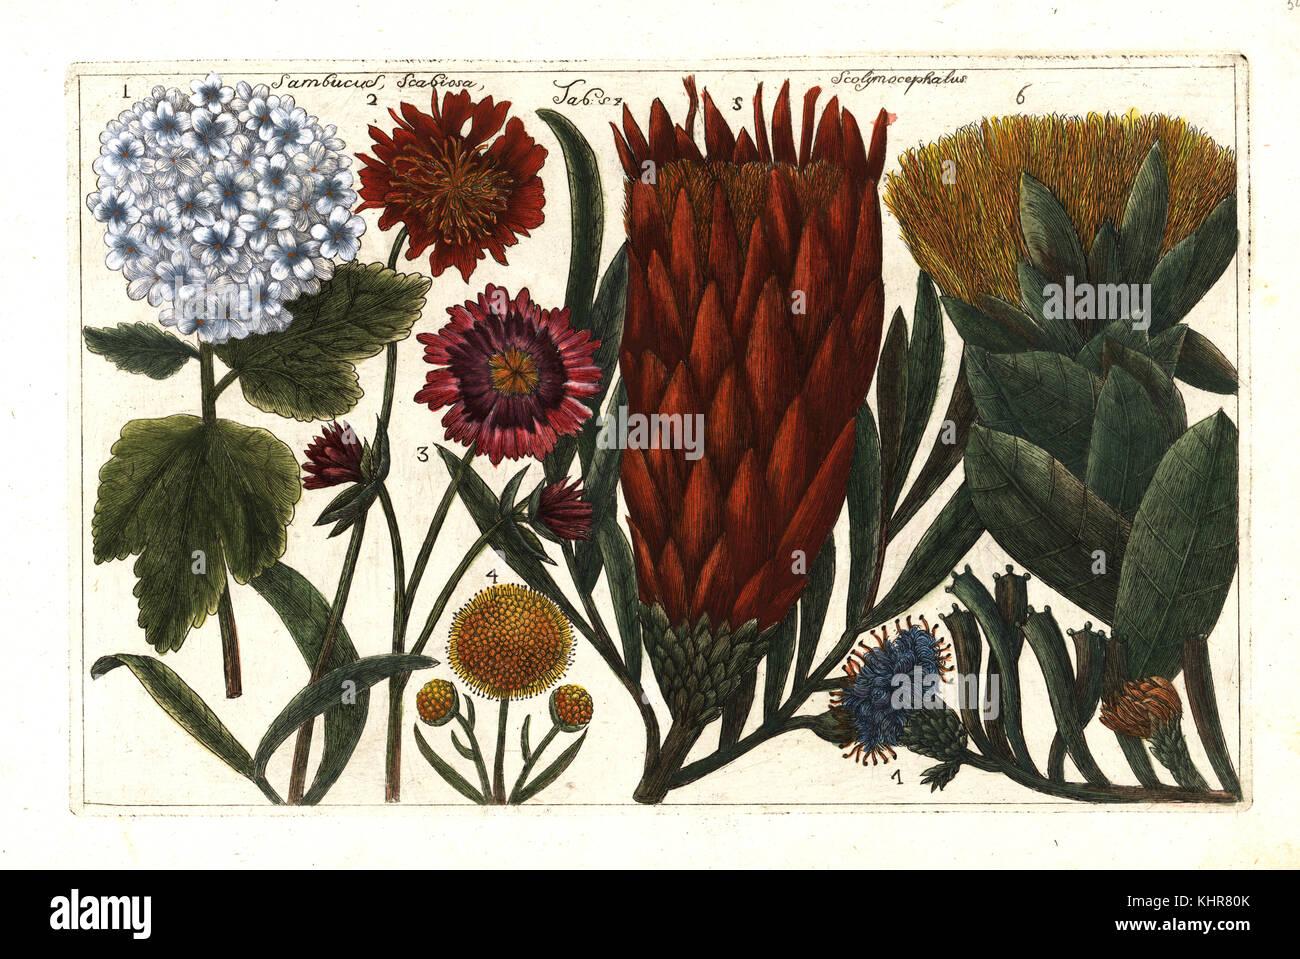 Guelder-rose, Viburnum opulus 1, red scabious, Scabiosa peregrina 2, mountain scabious, Pterocephalus dumetorum - Stock Image